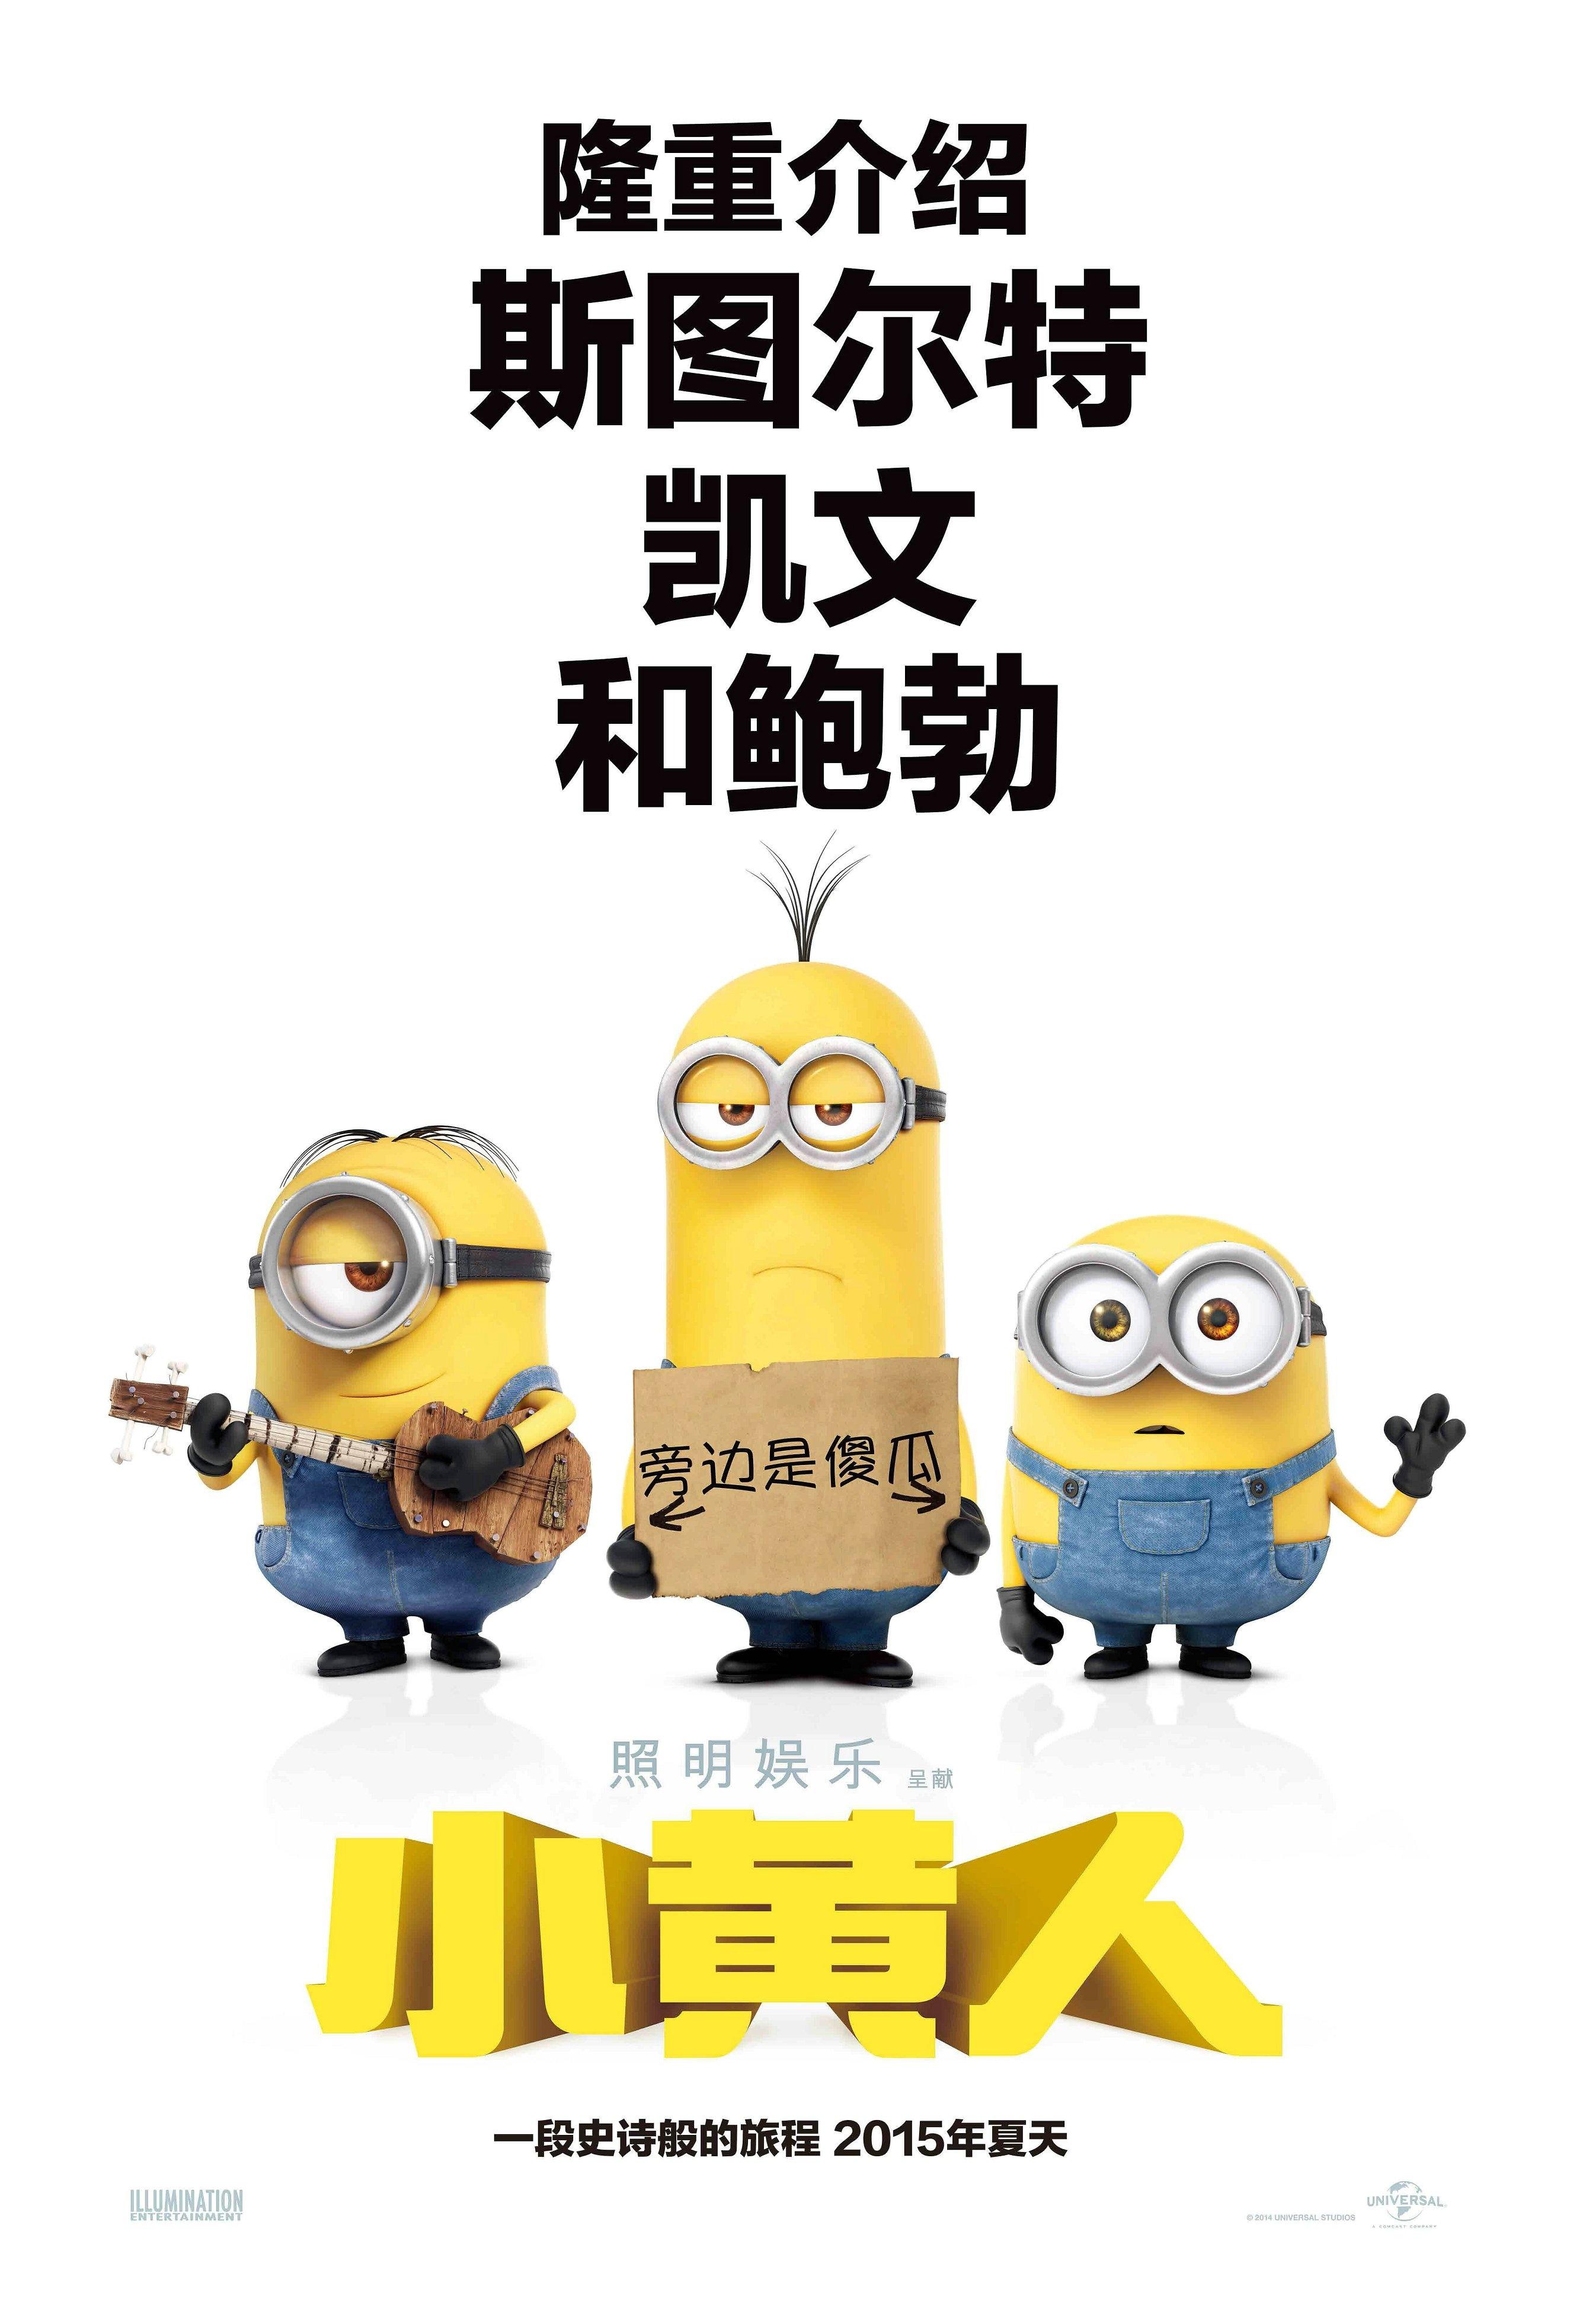 小黄人大眼萌图片 小黄人大眼萌高清大图 www.wzjinqiao.cn